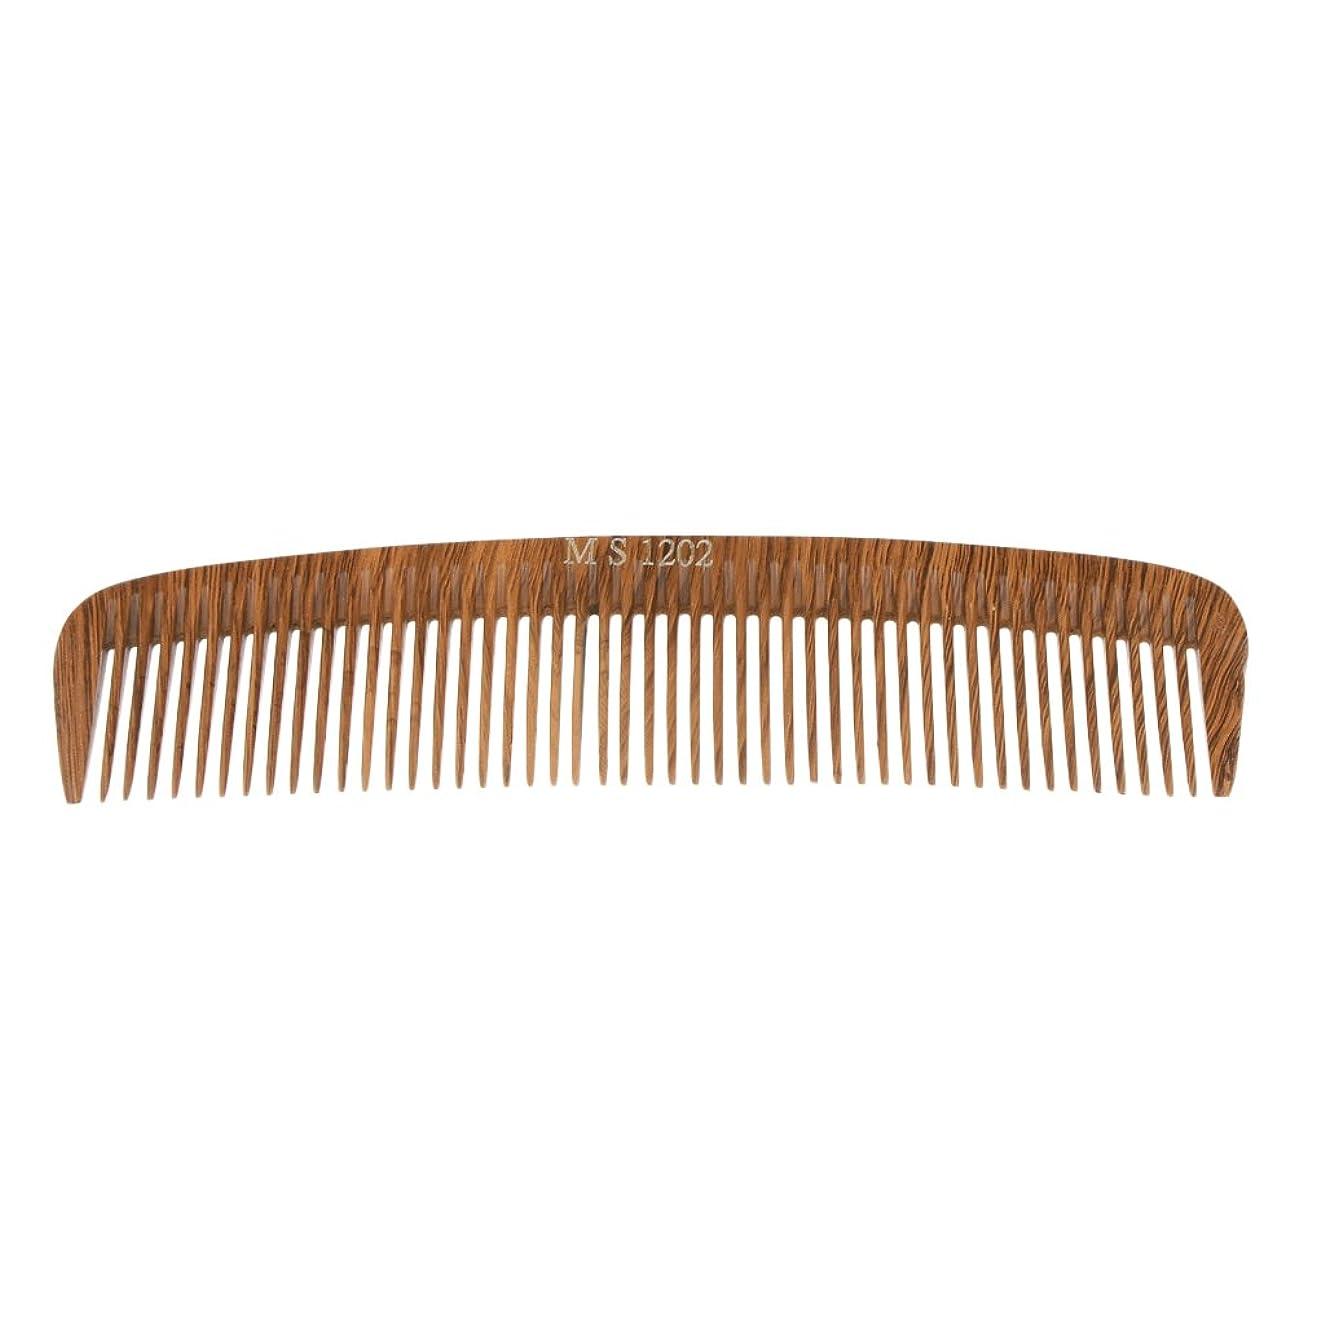 カビ付属品空Perfk ヘアカットコーム コーム 木製櫛 くし ヘアブラシ ウッド 帯電防止 4タイプ選べる - 1202